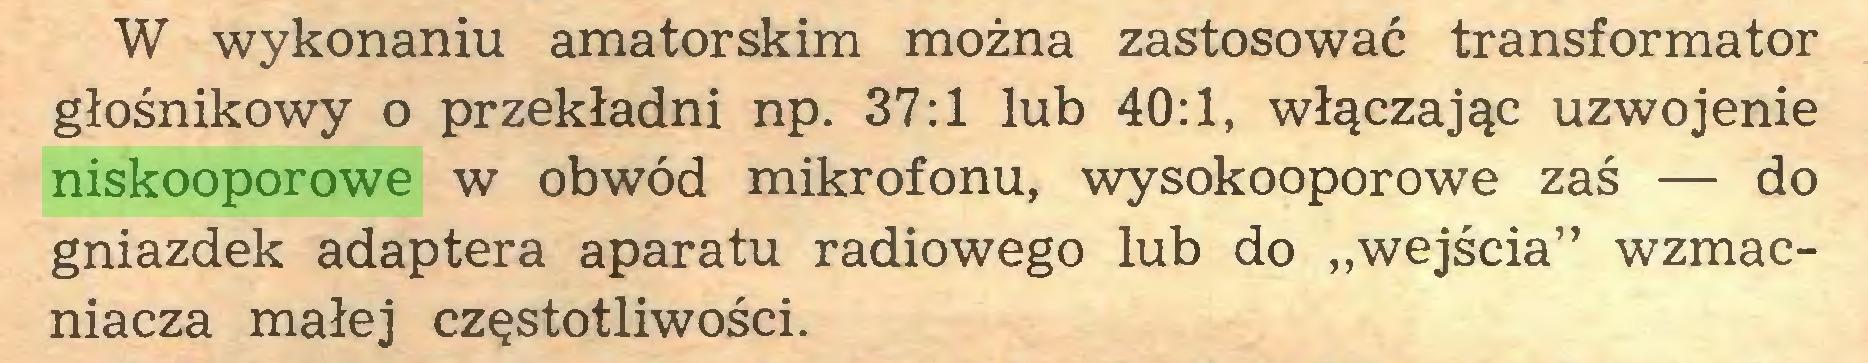 """(...) W wykonaniu amatorskim można zastosować transformator głośnikowy o przekładni np. 37:1 lub 40:1, włączając uzwojenie niskooporowe w obwód mikrofonu, wysokooporowe zaś — do gniazdek adaptera aparatu radiowego lub do """"wejścia"""" wzmacniacza małej częstotliwości..."""